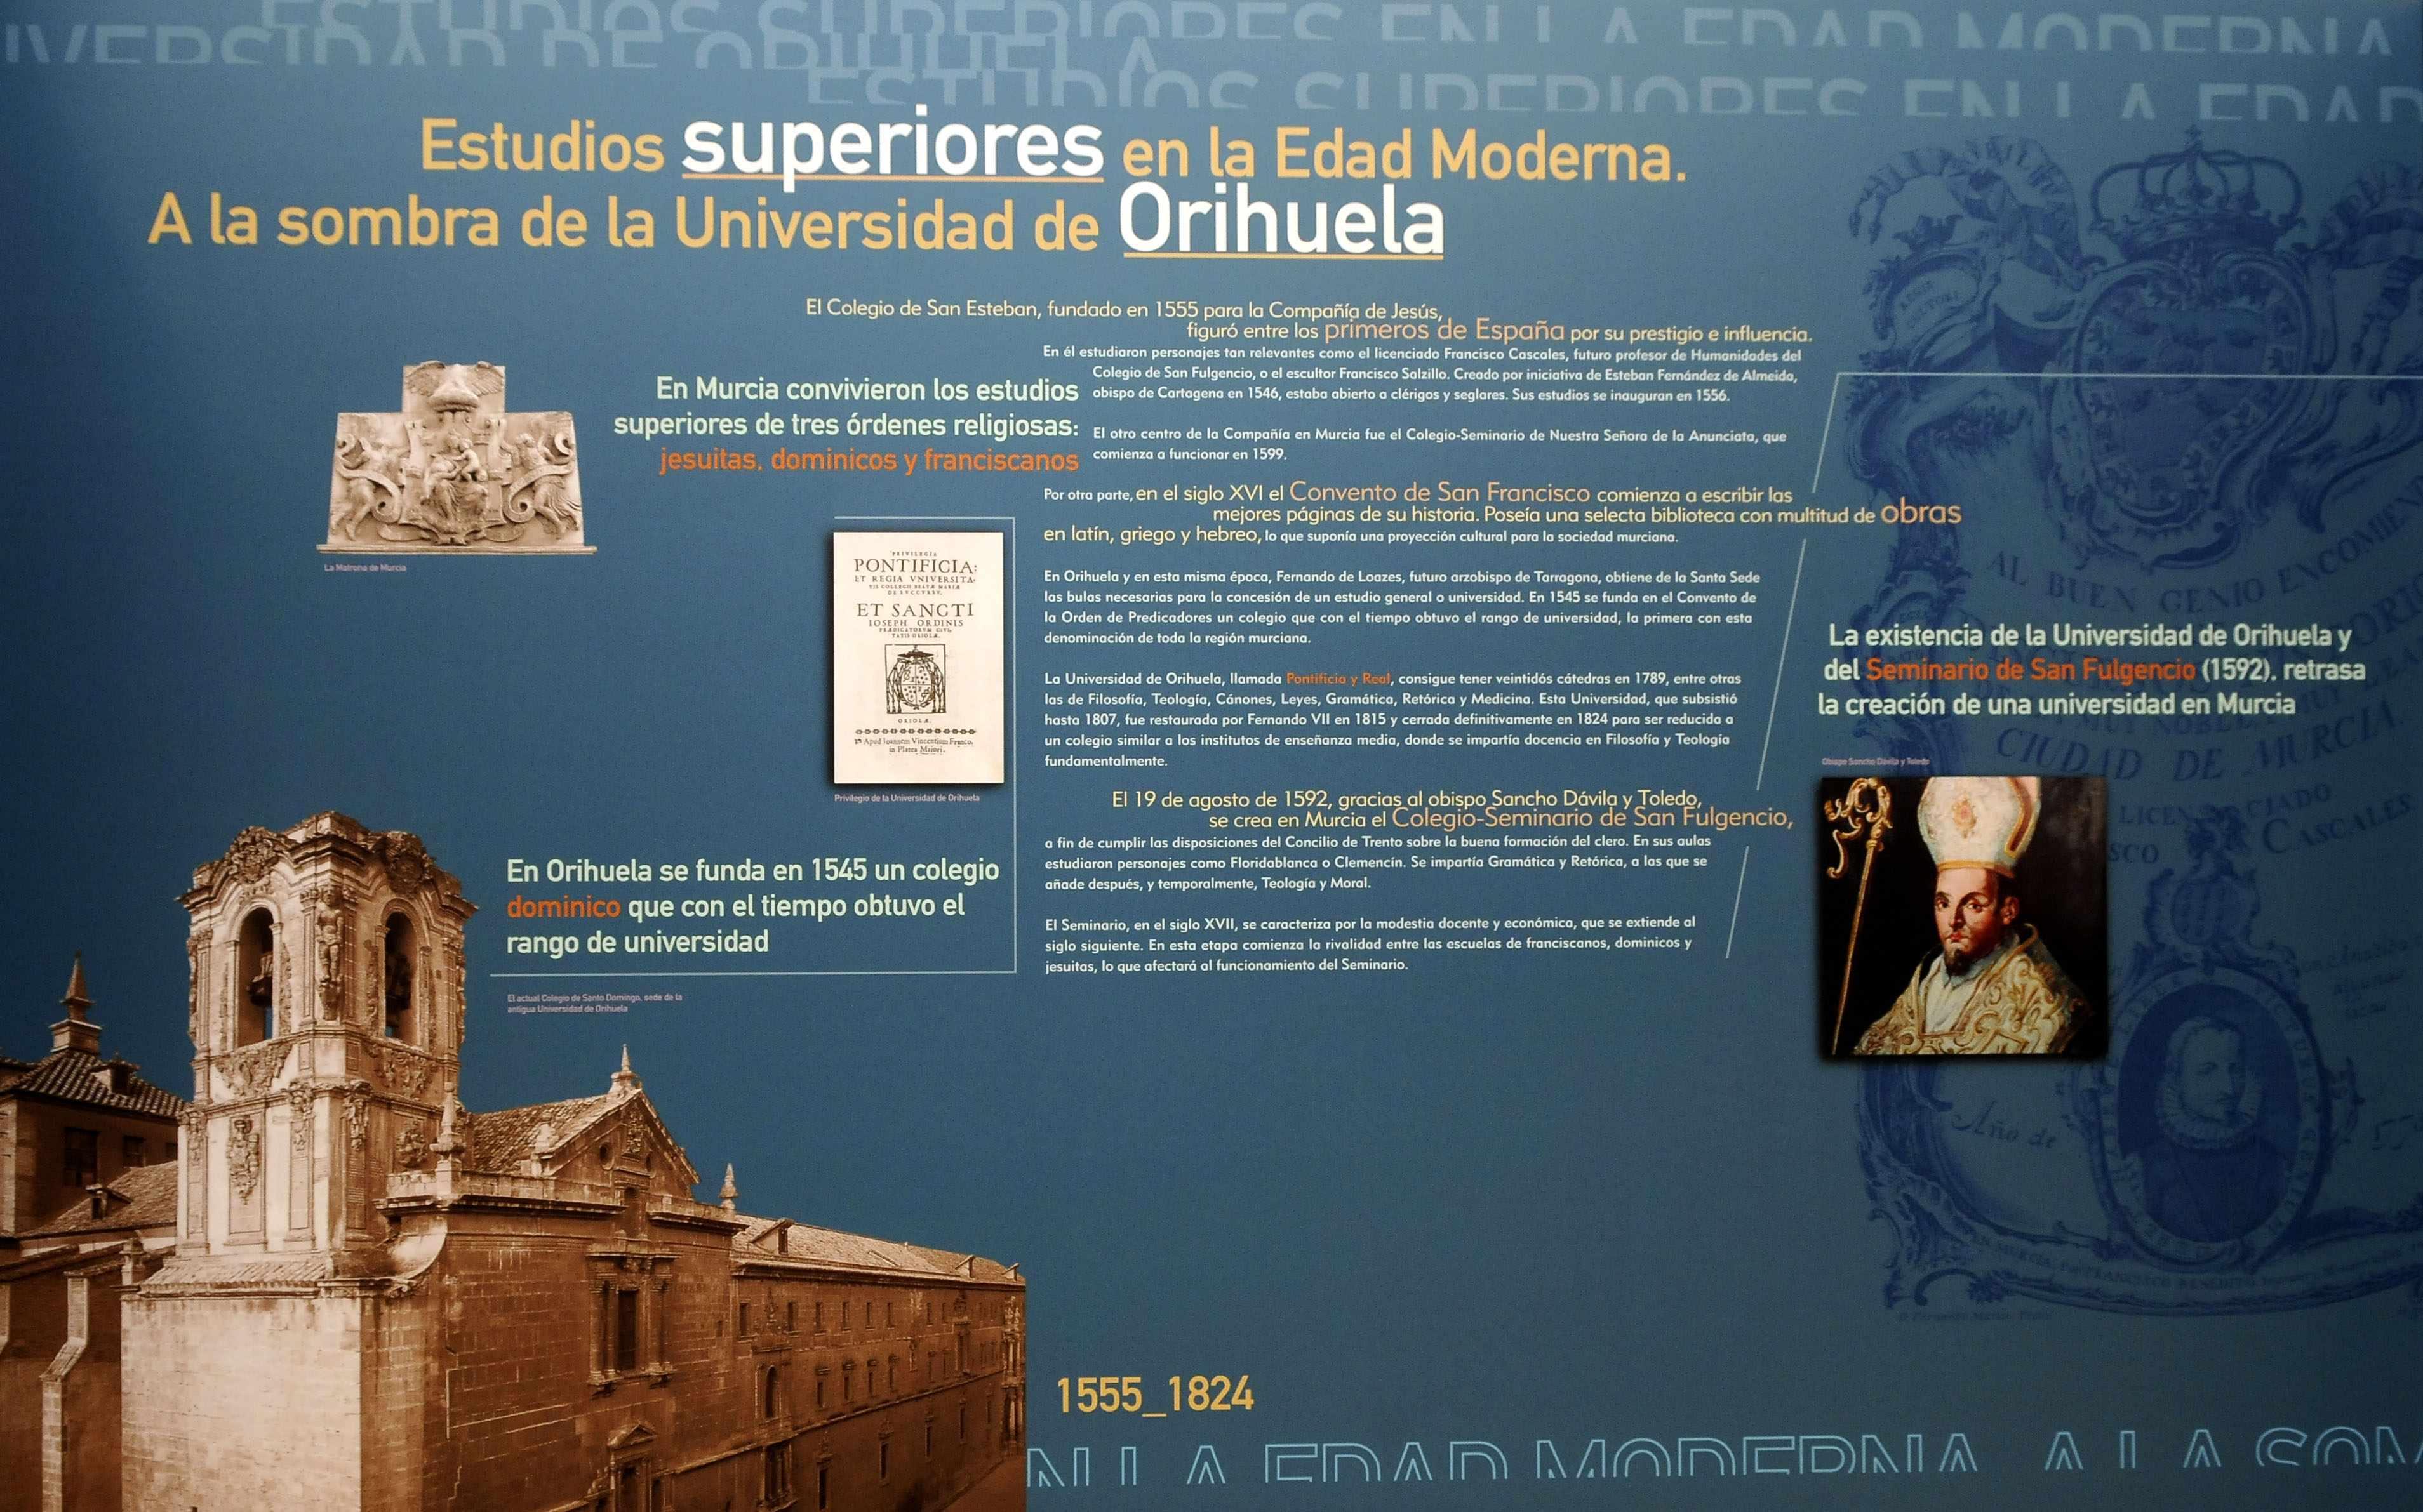 Estudios superiores en la Edad Moderna